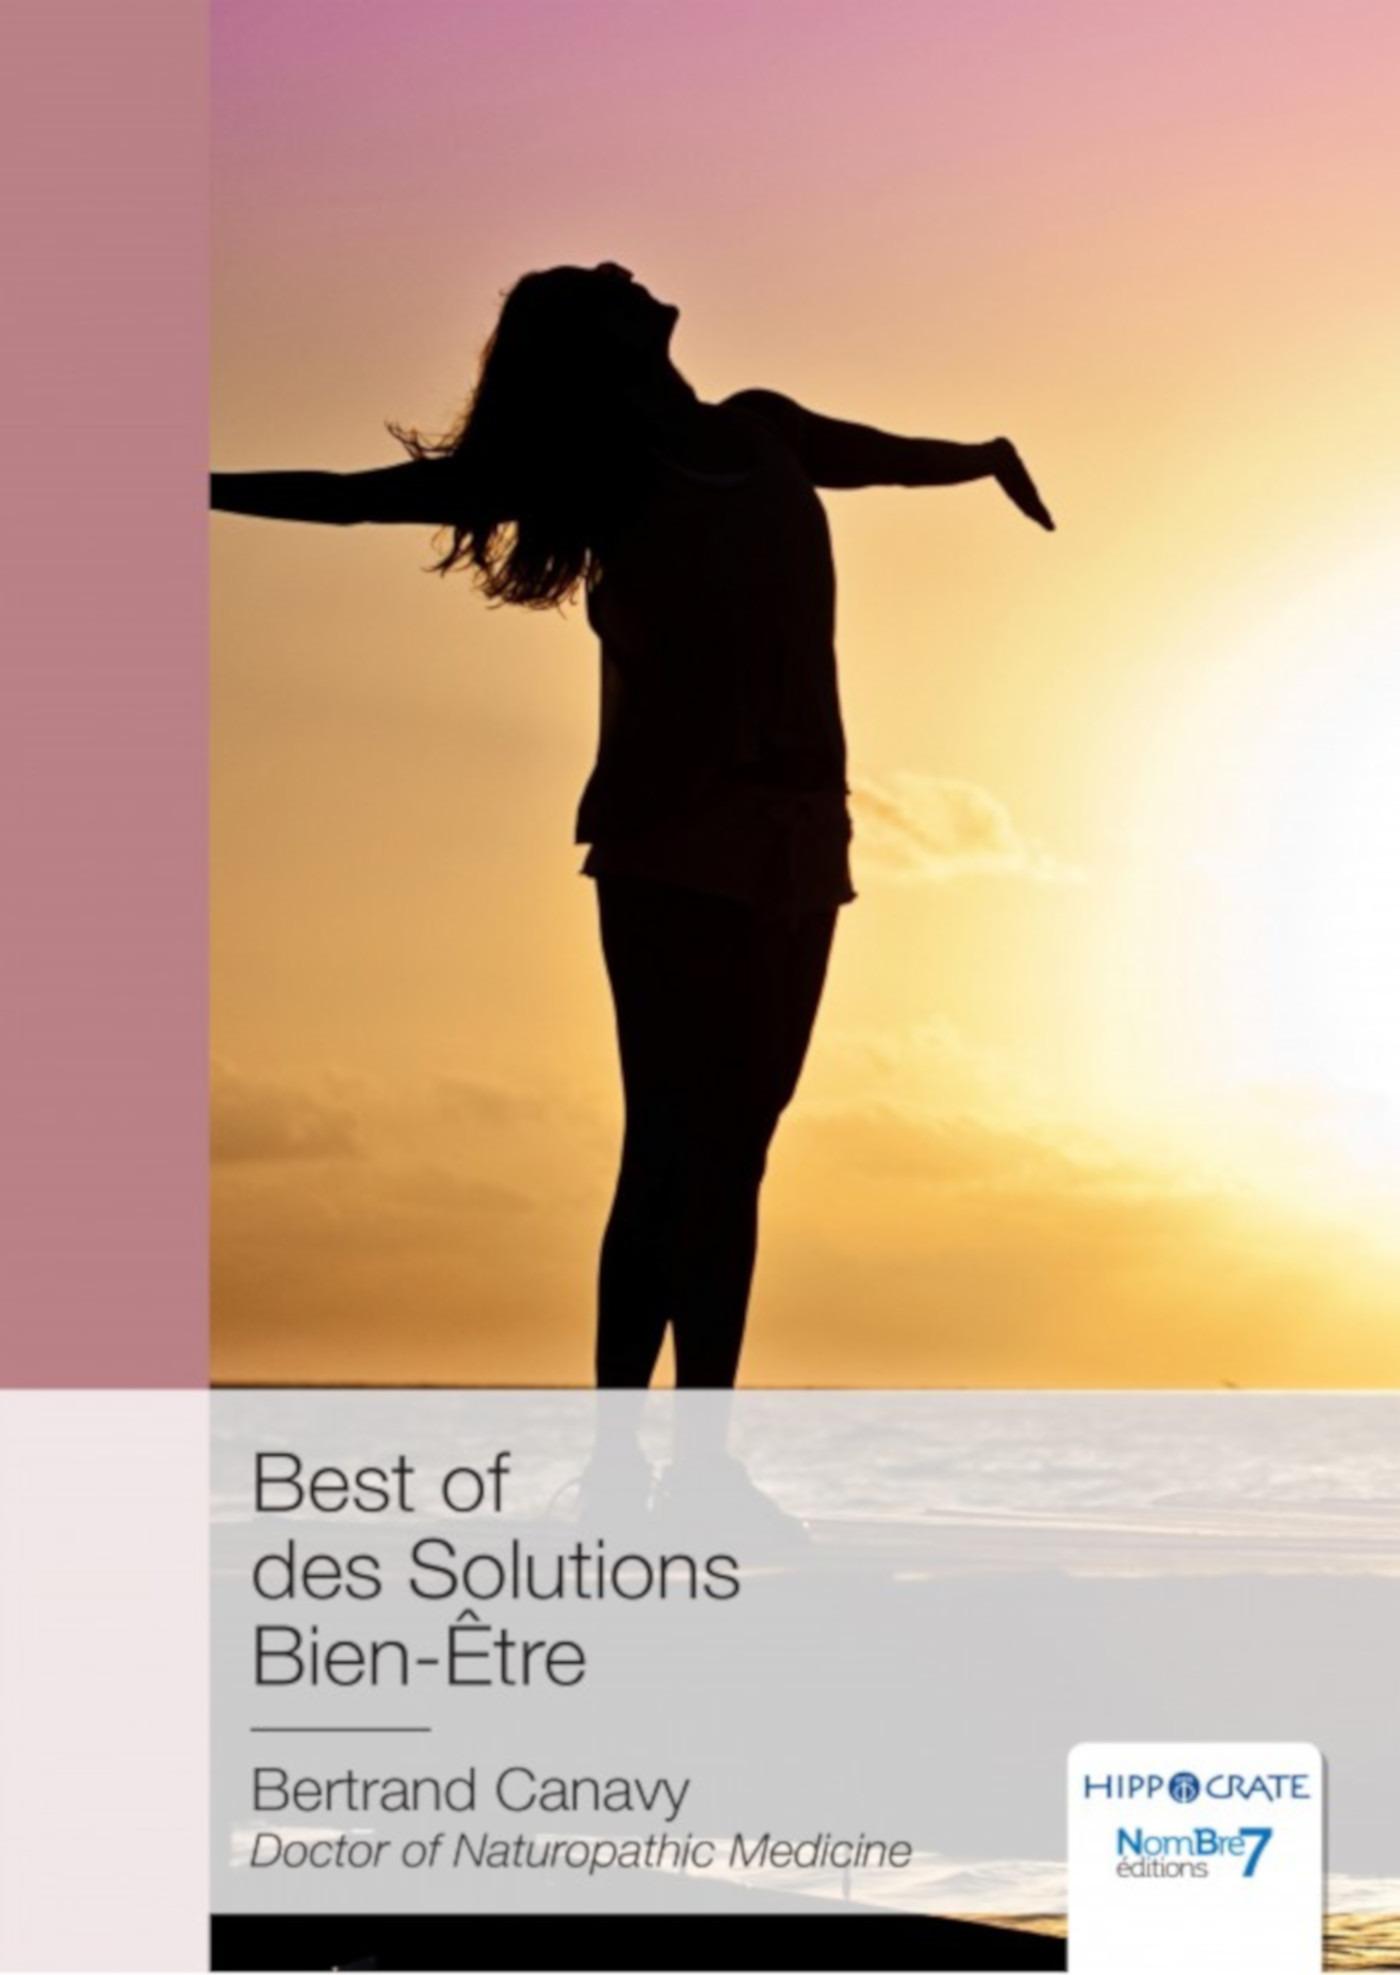 Best of des solutions bien-etre